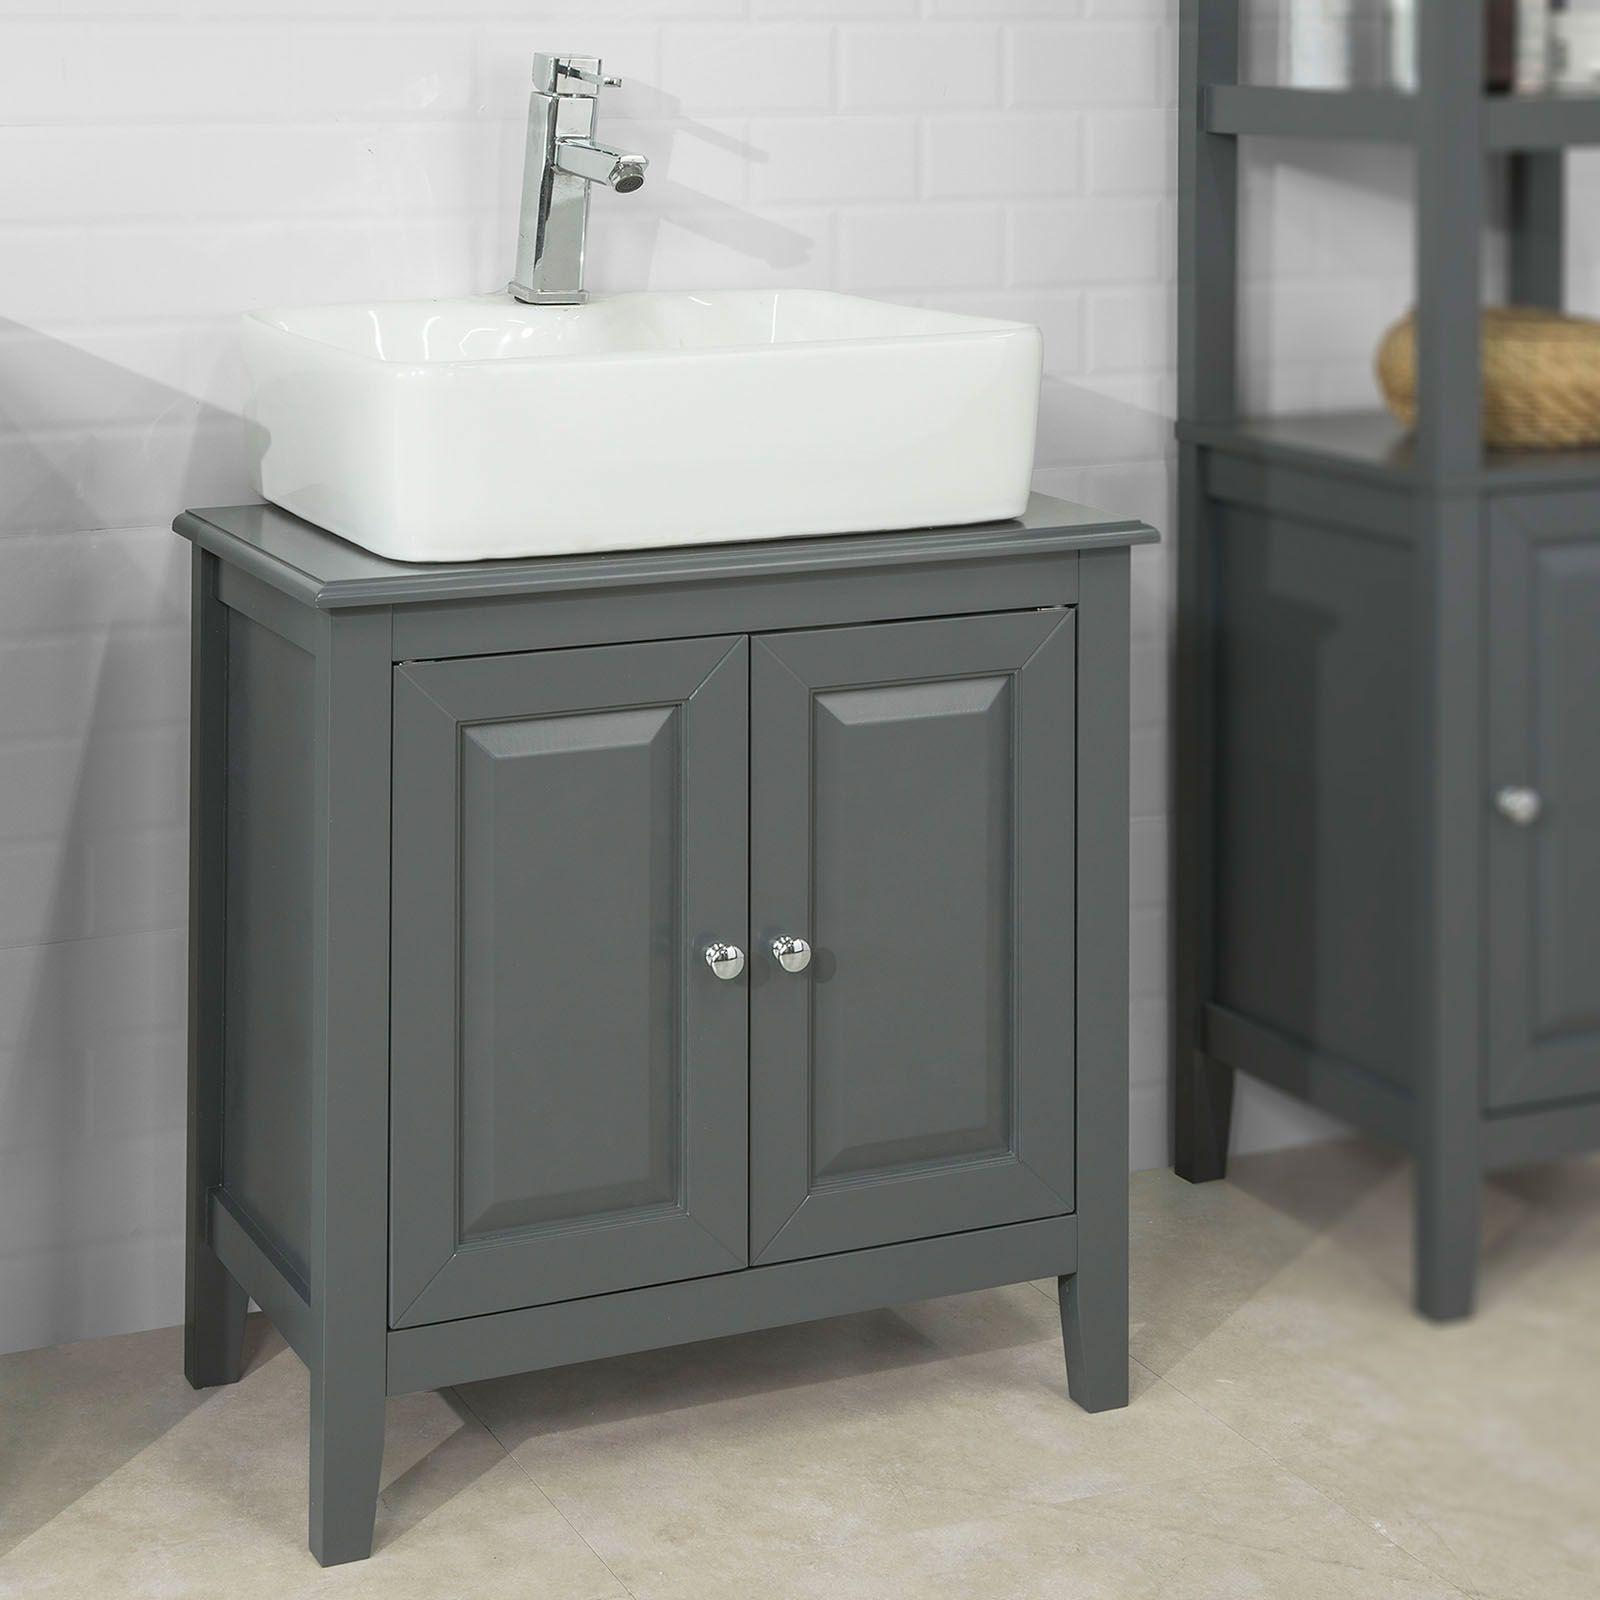 Mobile Sottolavabo Per Bagno Con 2 Ante Senza Lavabo L60 P30 A62cm Grigio Frg202 Dg Bathroom Vanity Vanity Bathroom